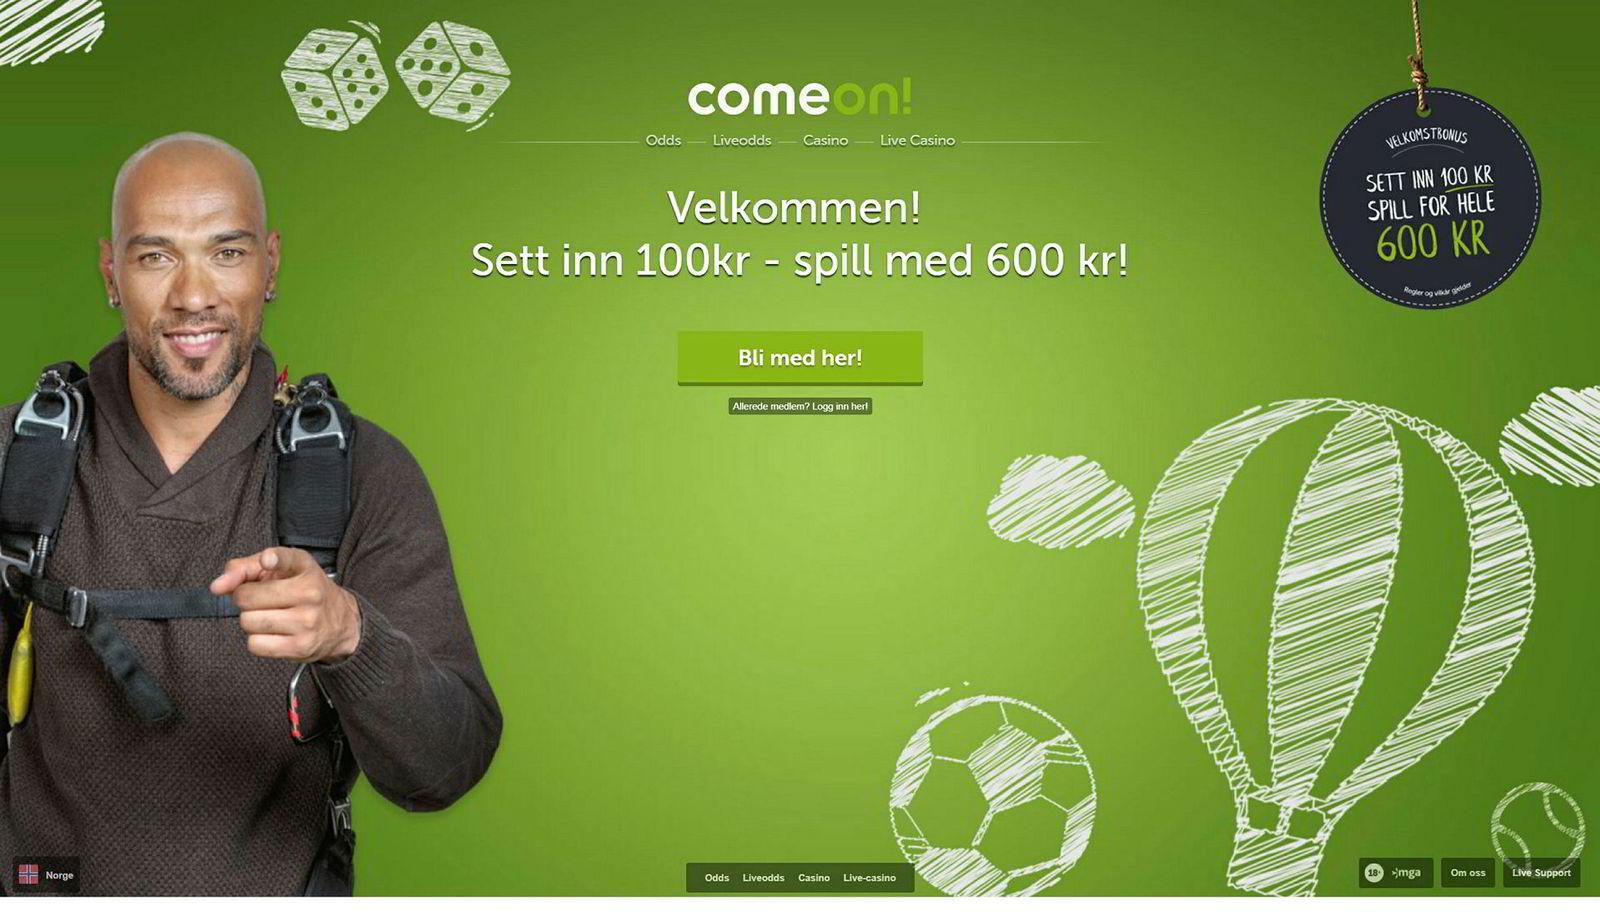 Tidligere landslagsspiller John Carew er spillambassadør for gamblingselskapet Comeon.